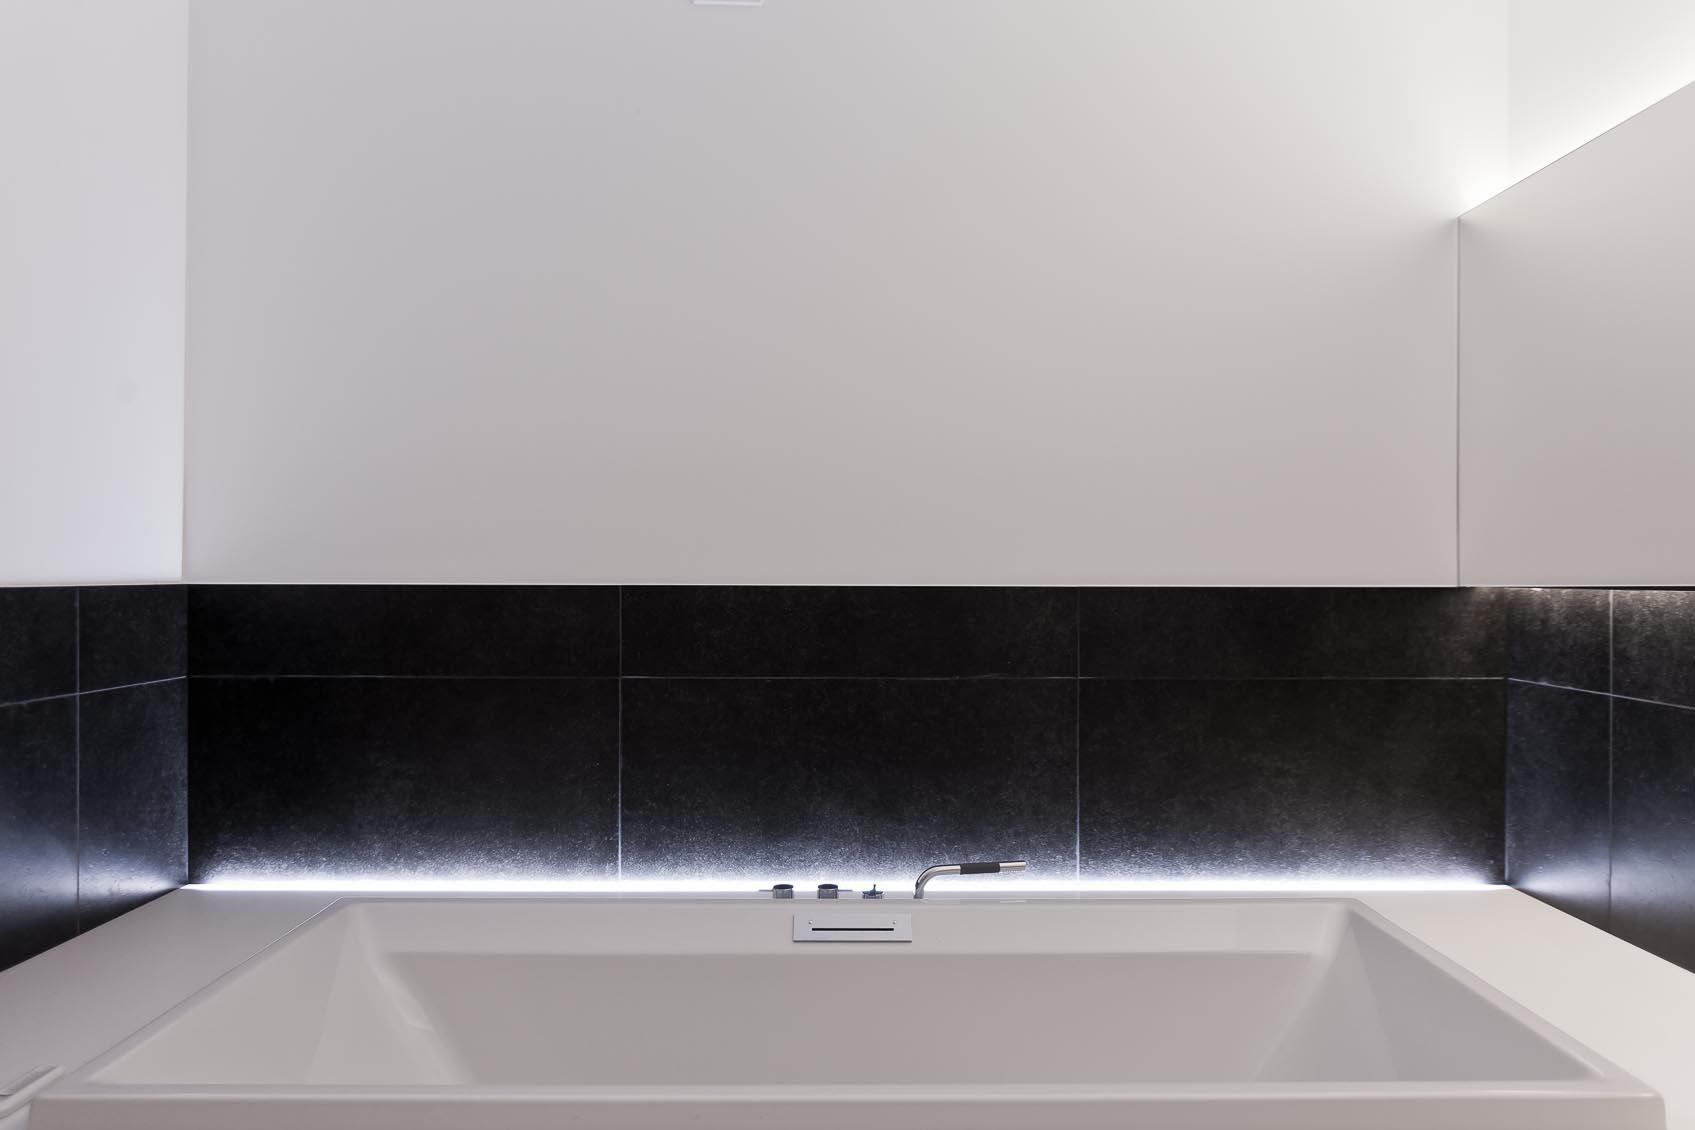 rgb led verlichting indirect ingewerkt in badkamer, lichtadvies door onze lichtarchitecten lichthuis mol